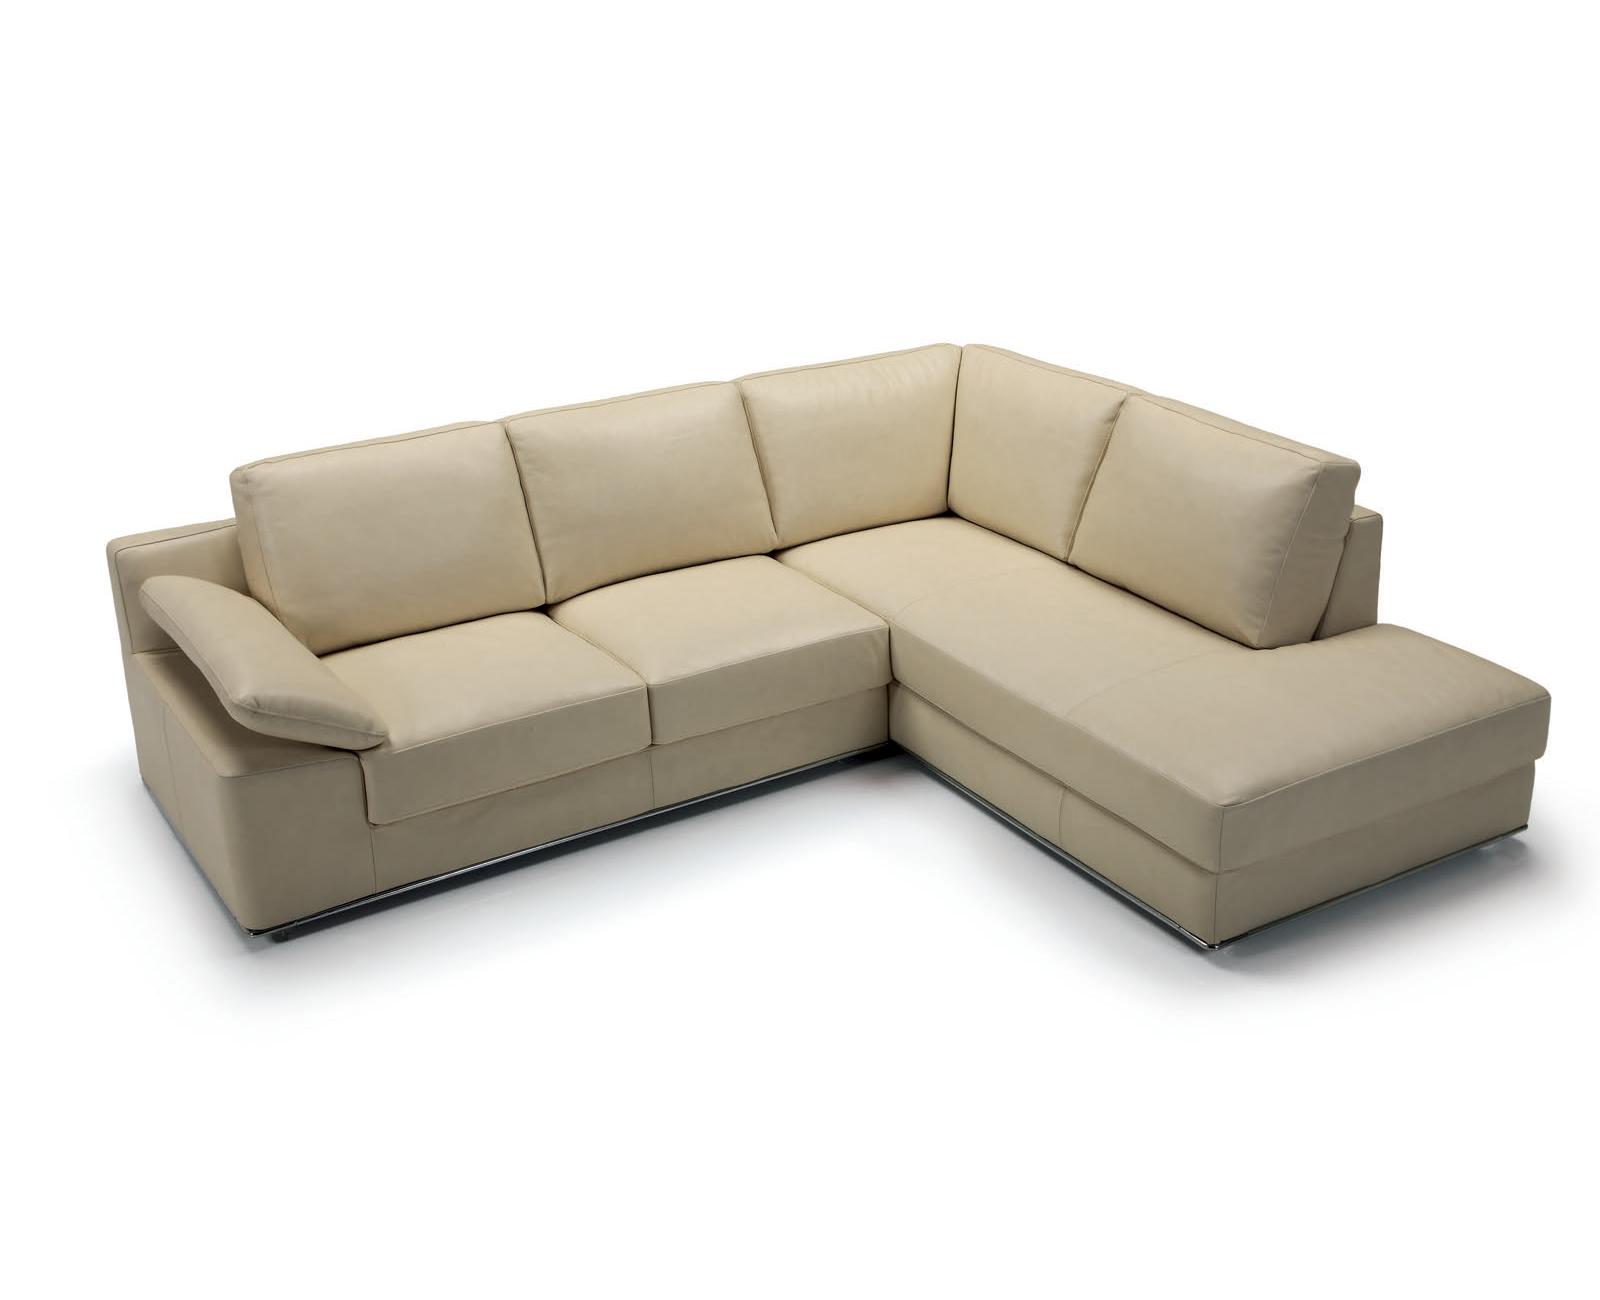 Alex divano angolare